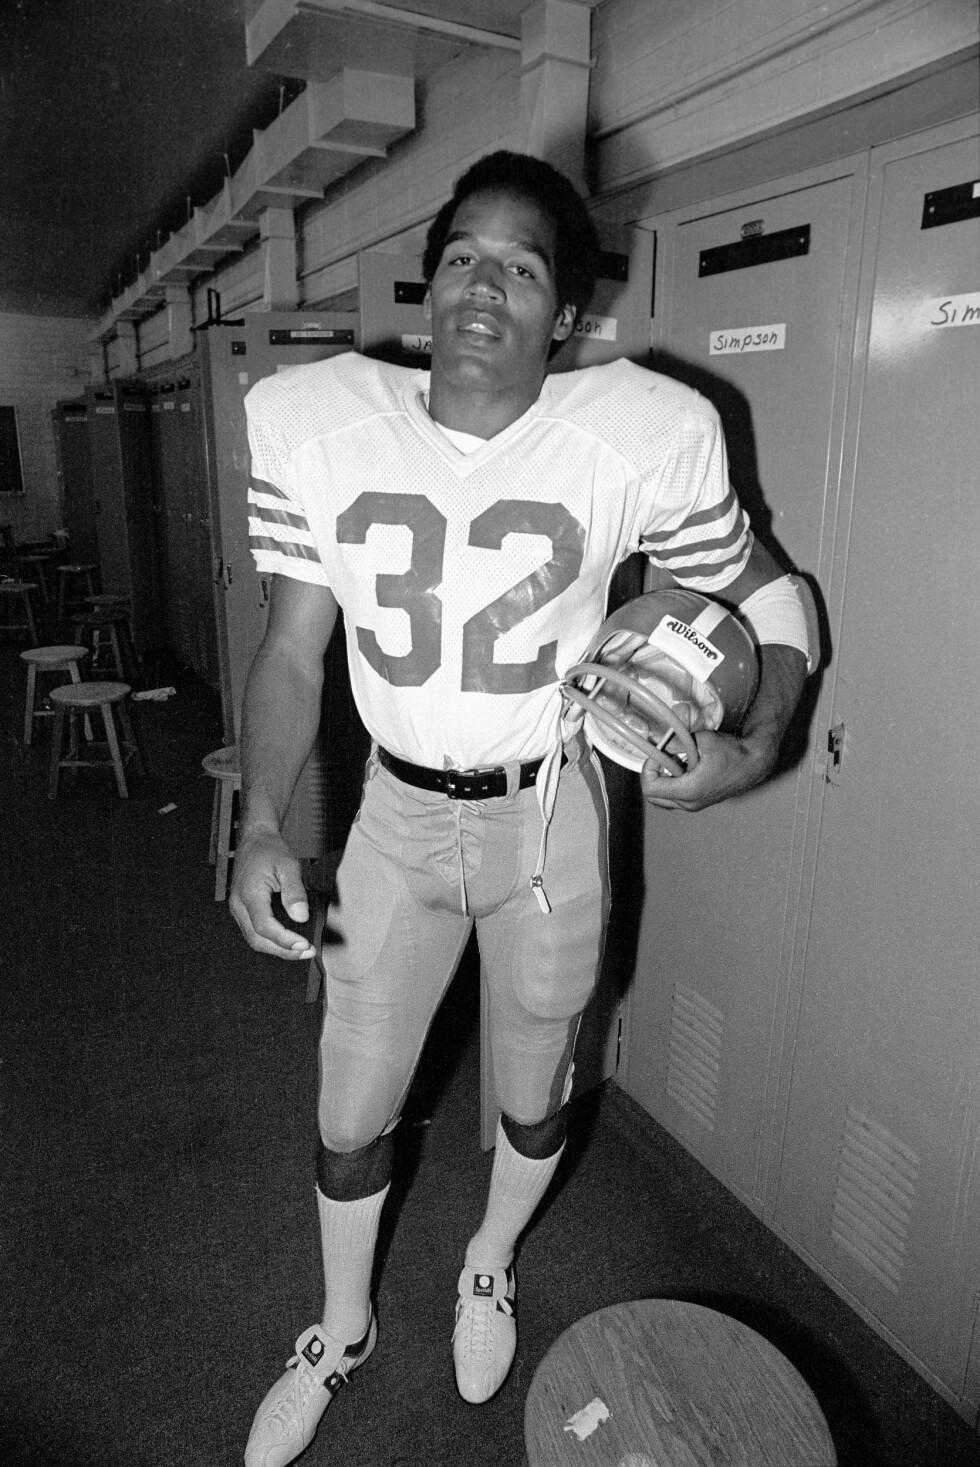 DEN GANG DA: O.J. Simpson gjorde seg bemerket på 70-tallet som en dyktig spiller i amerikansk fotball. Her poserer han etter endt kamp i 1978. Foto: NTB Scanpix